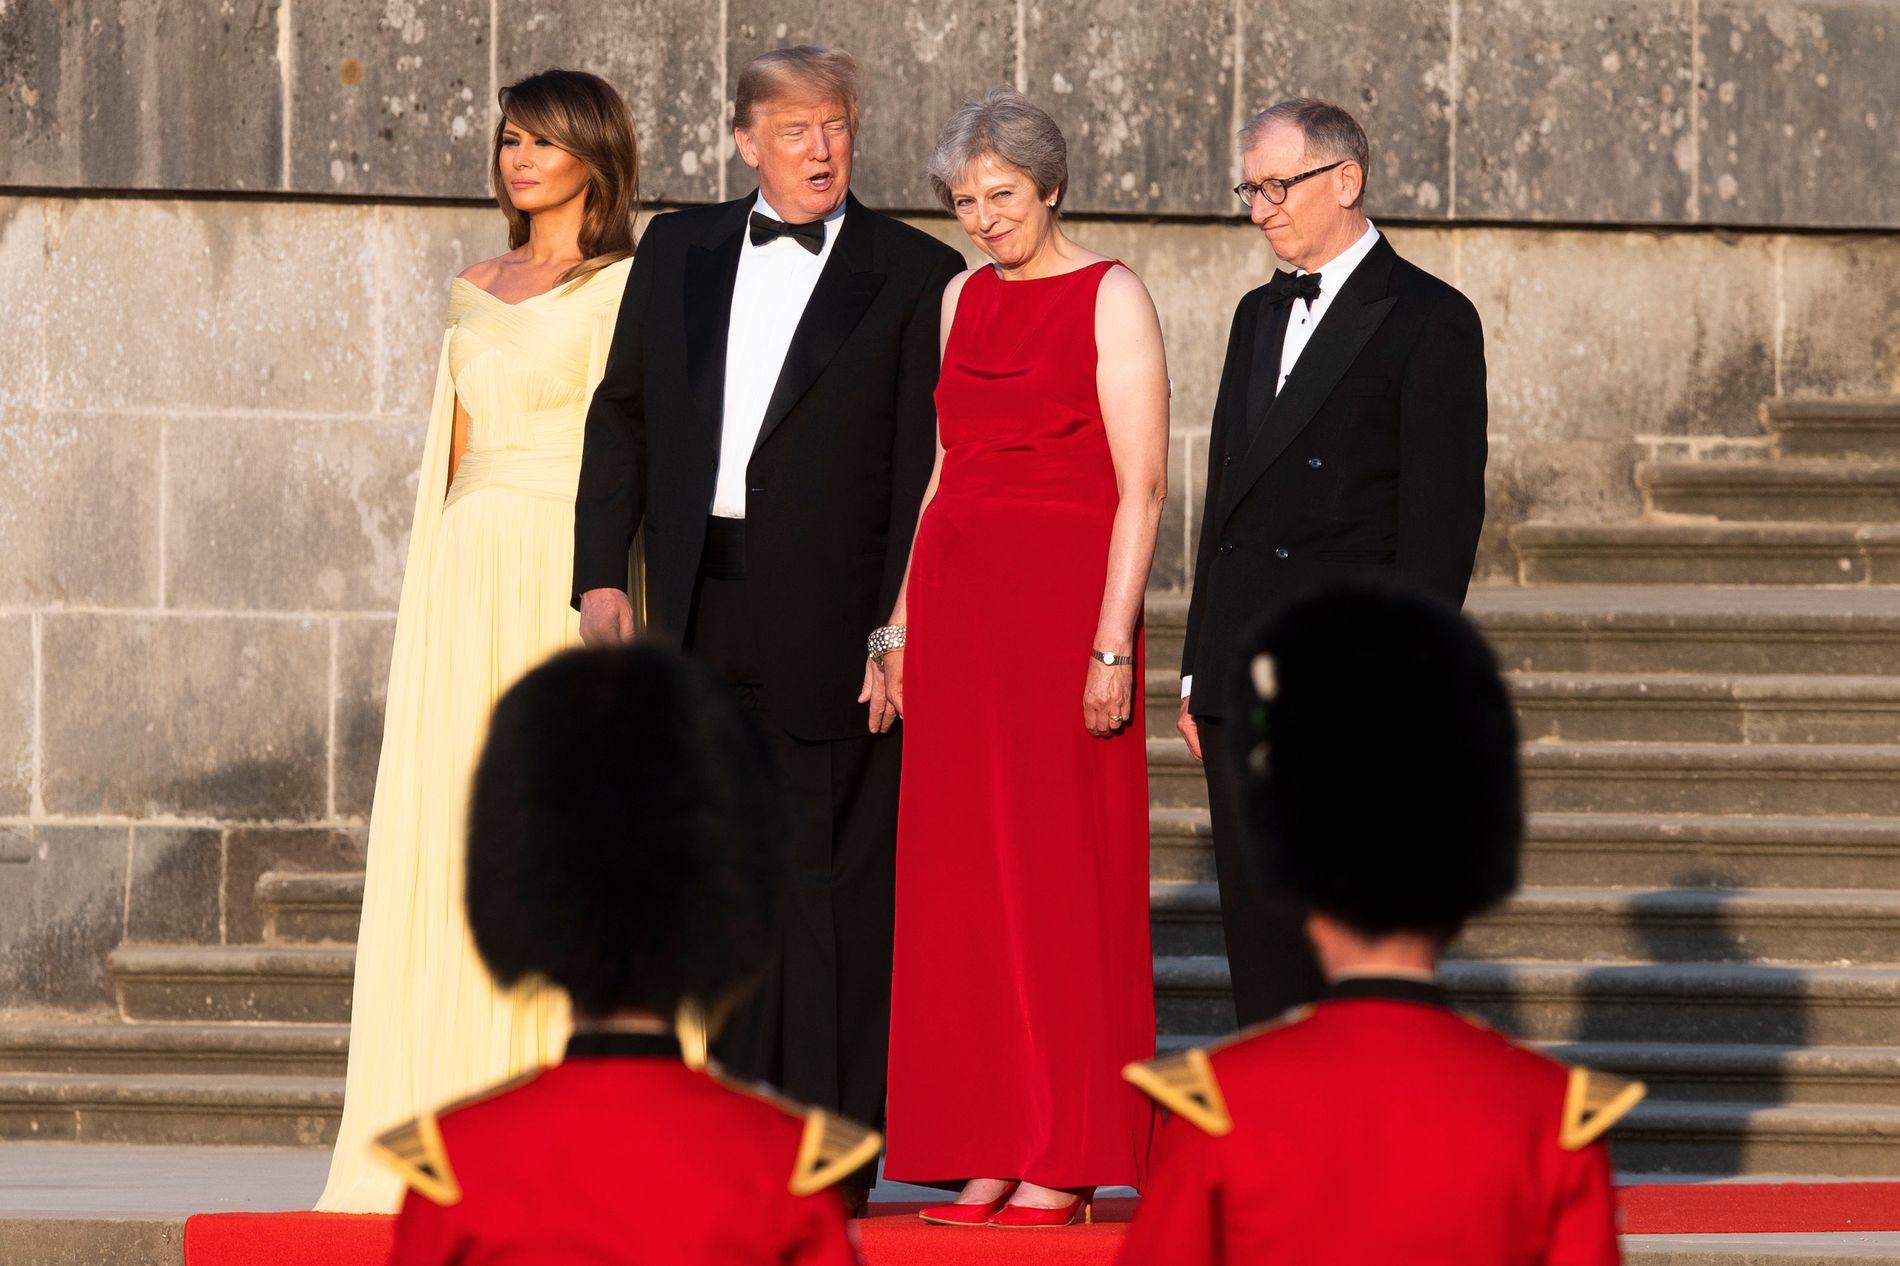 FRED: President Donald Trump prater gemyttlig med sin vertinne, statsminister Theresa May, på Blenheim slott, kort før han kommer med besk kritikk av henne i et intervju med The Sun.